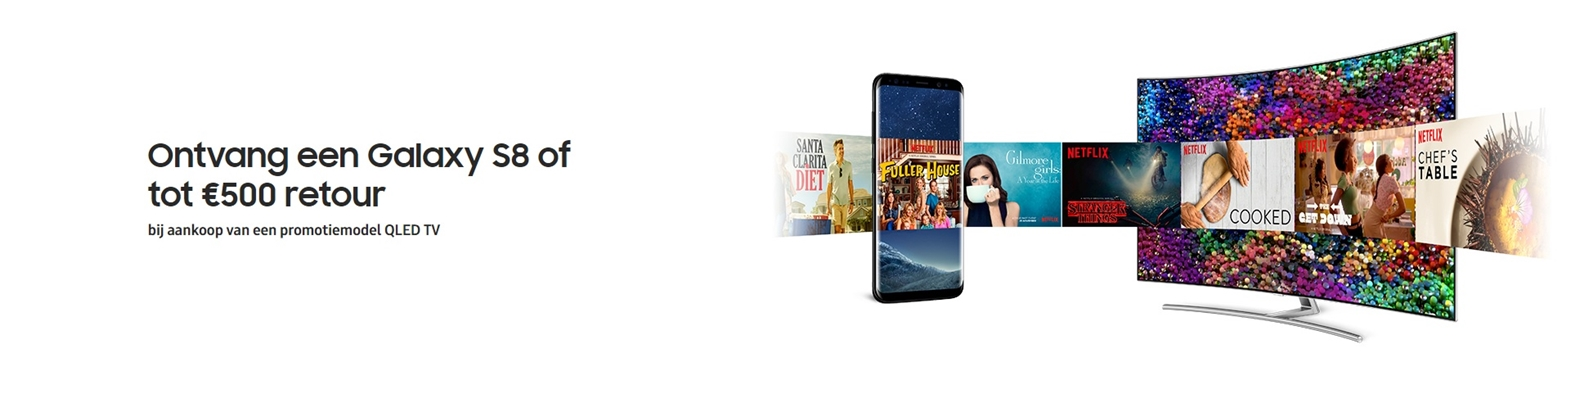 Bij aankoop van een actiemodel Samsung QLED TV een Galaxy S8 of 500 euro retour.